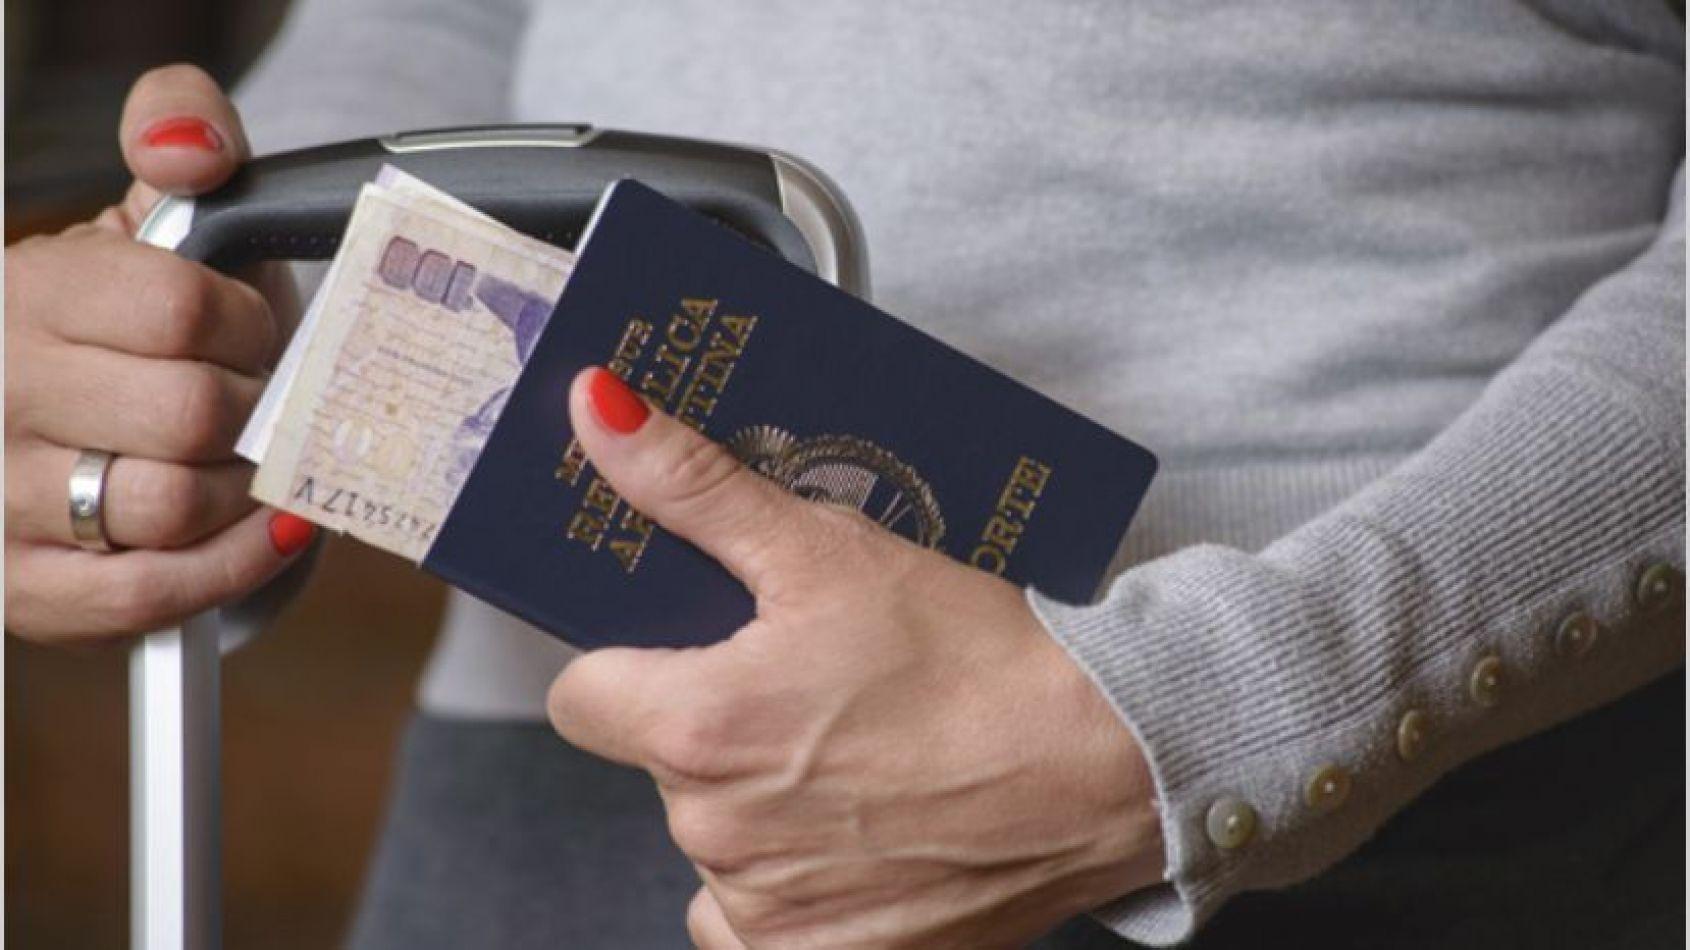 El trámite para renovar el pasaporte pasará de $950 a $1500 y el del DNI, de $100 a $300